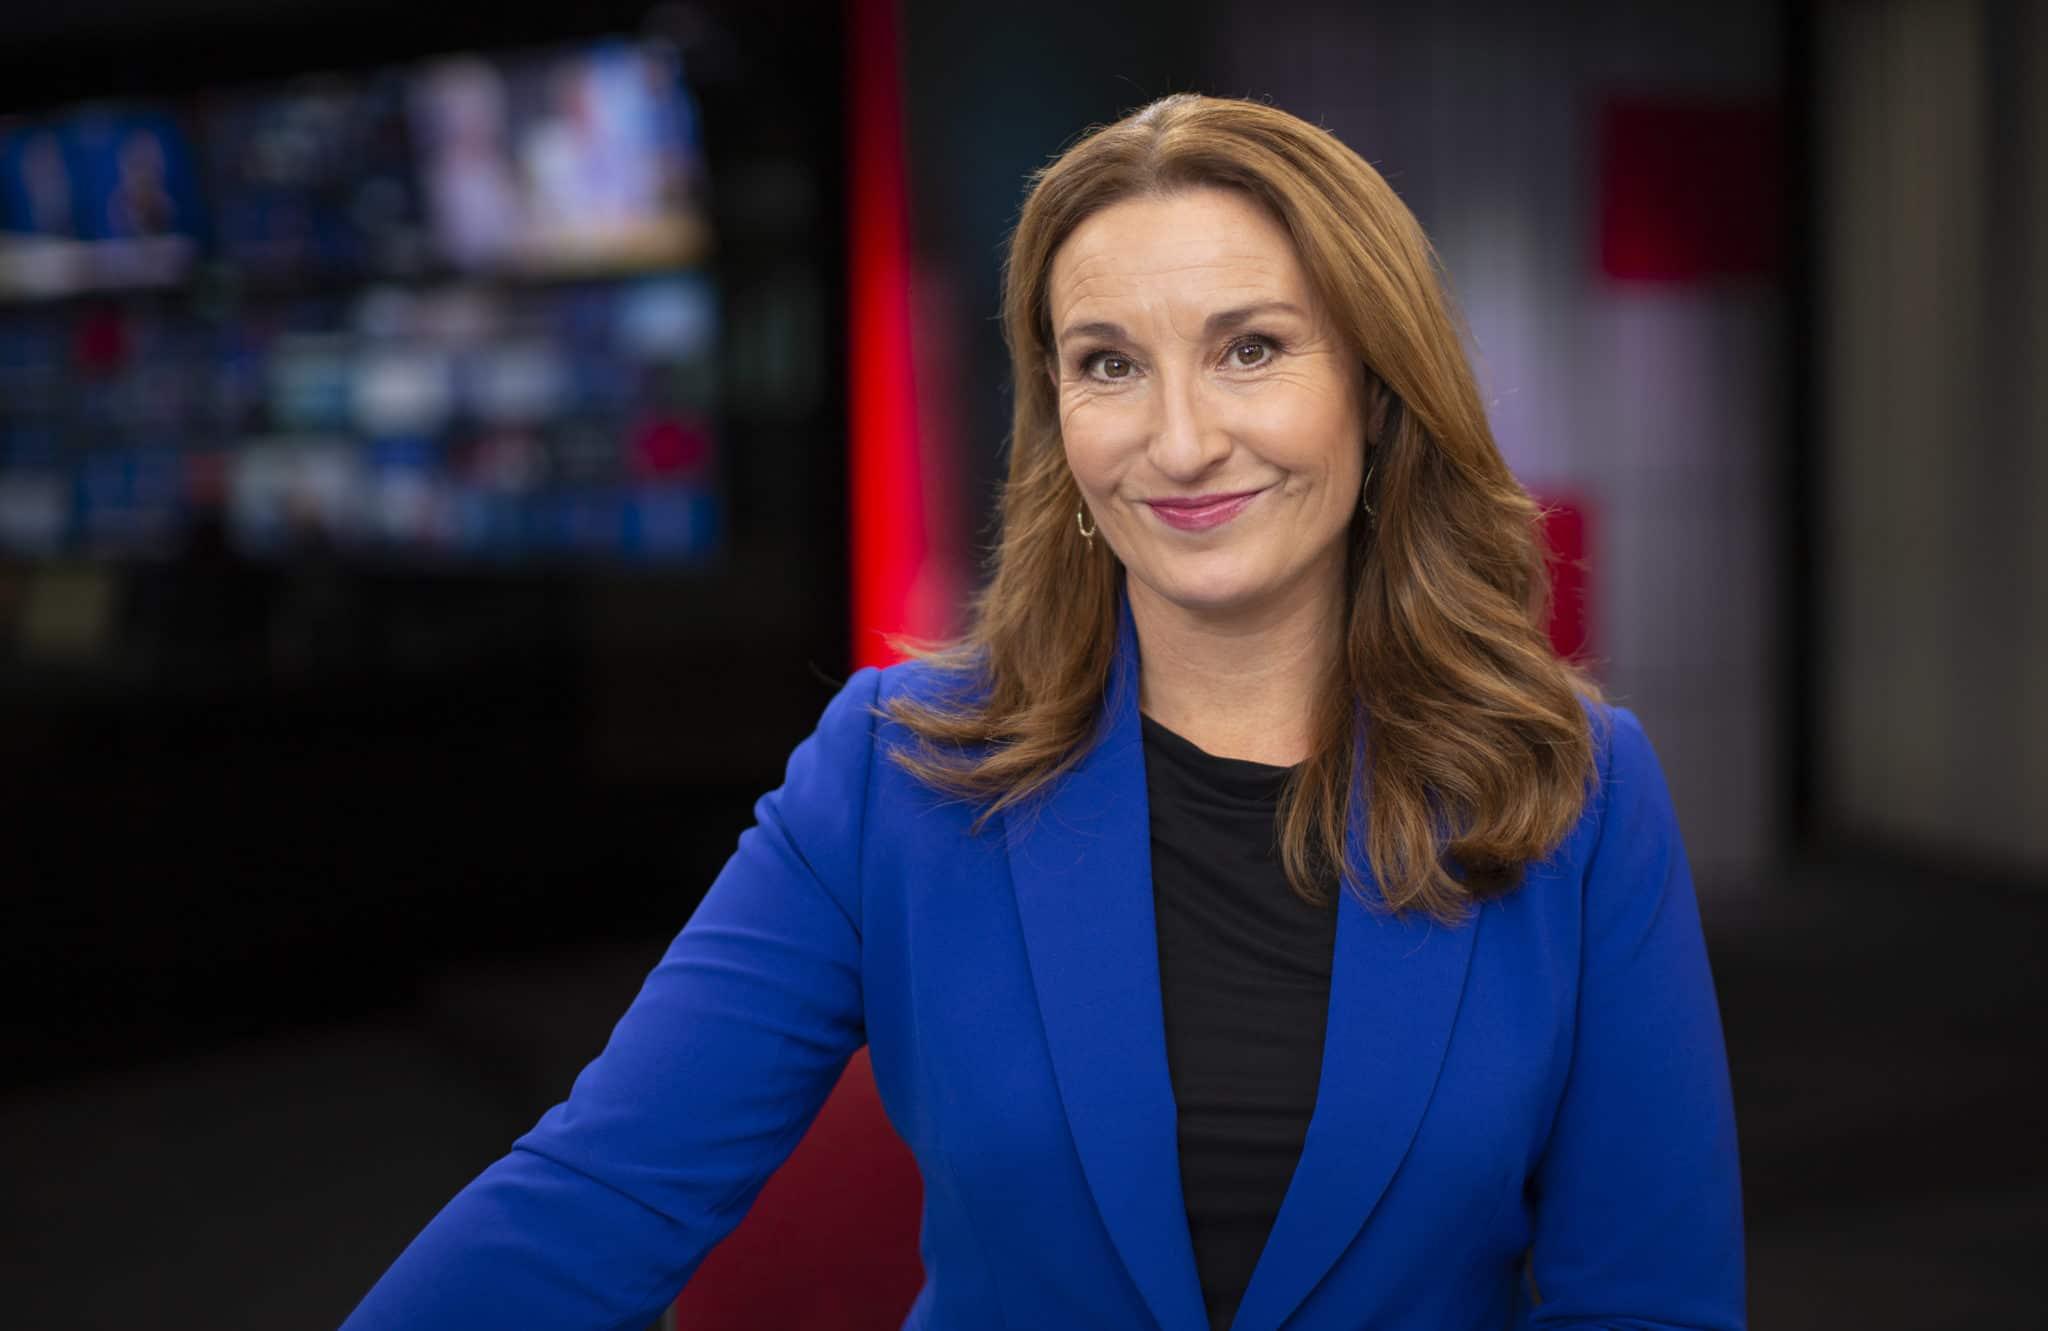 Bilde av Elin i en blå jakke, med sort topp under. Elin sitter i et TV-studio, og smiler.